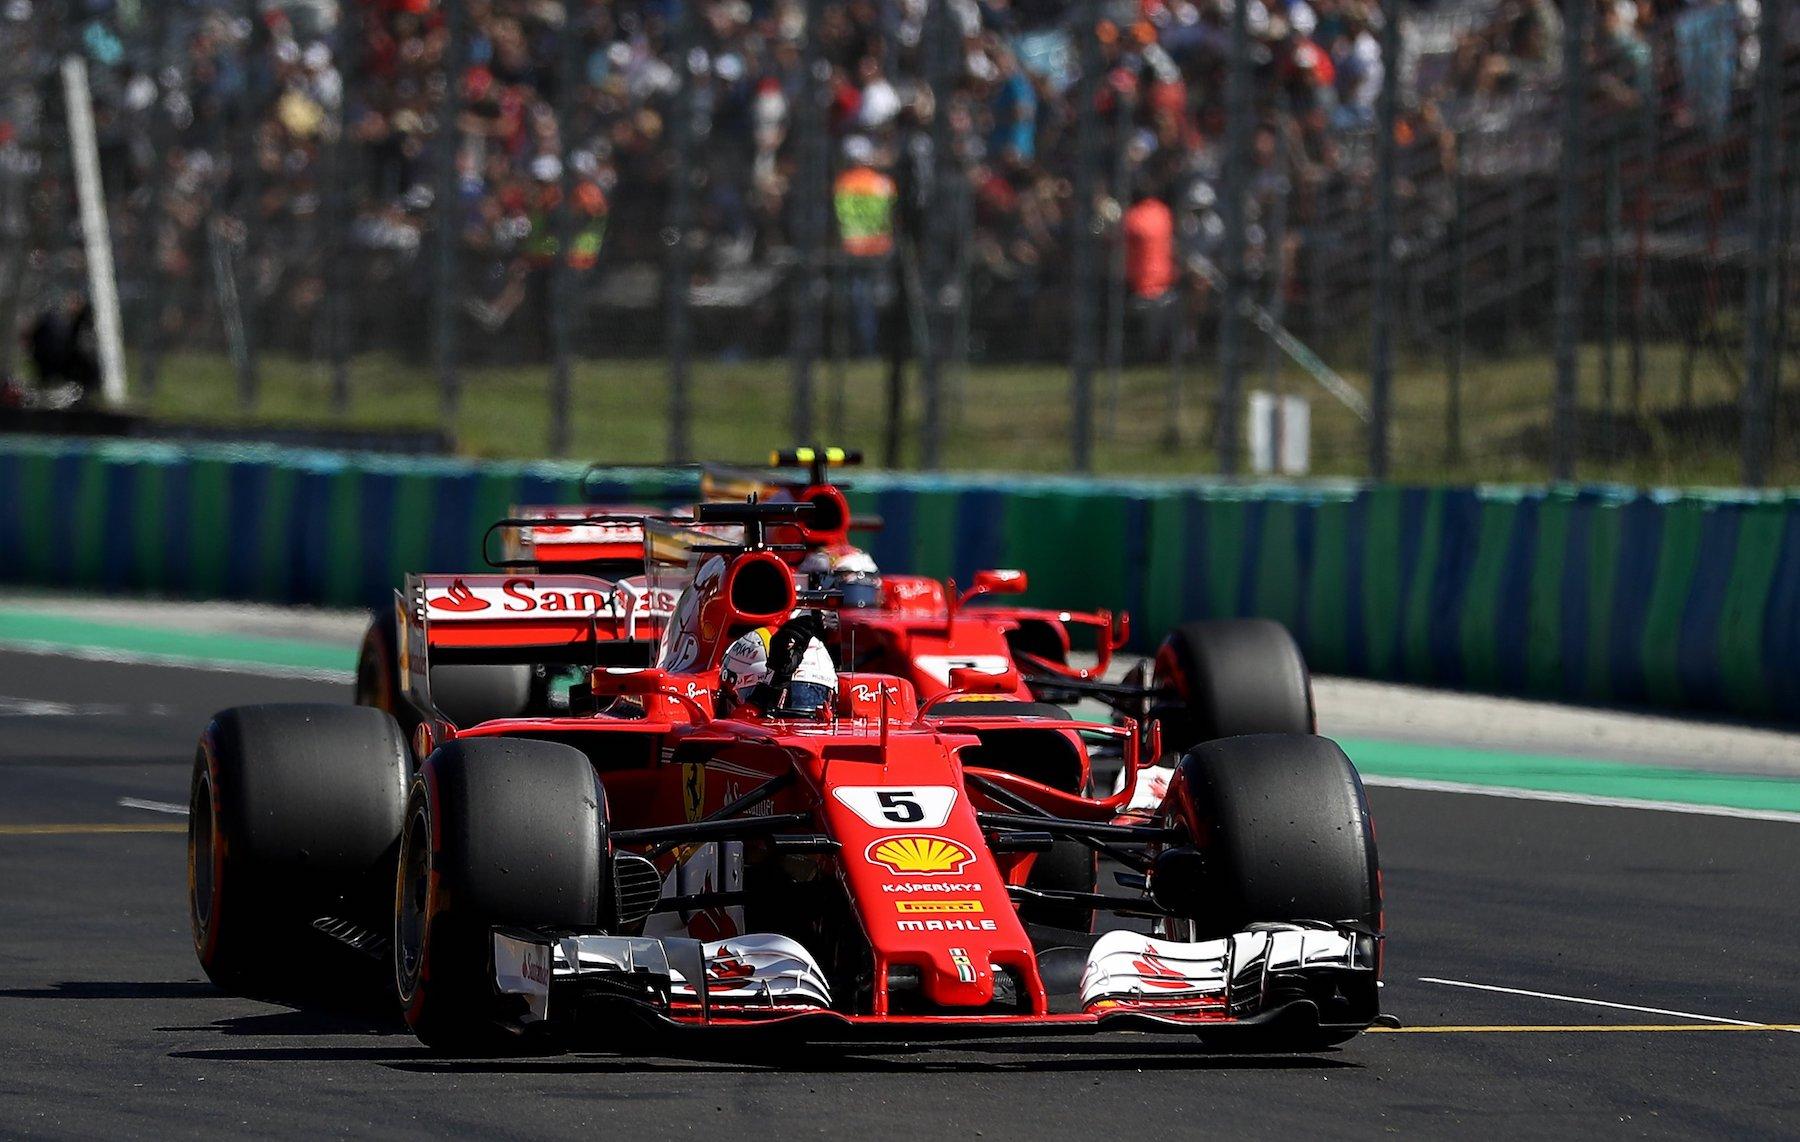 X 2017 Sebastian Vettel | Ferrari SF70H | 2017 Hungarian GP Q3 P1 5 copy.jpg